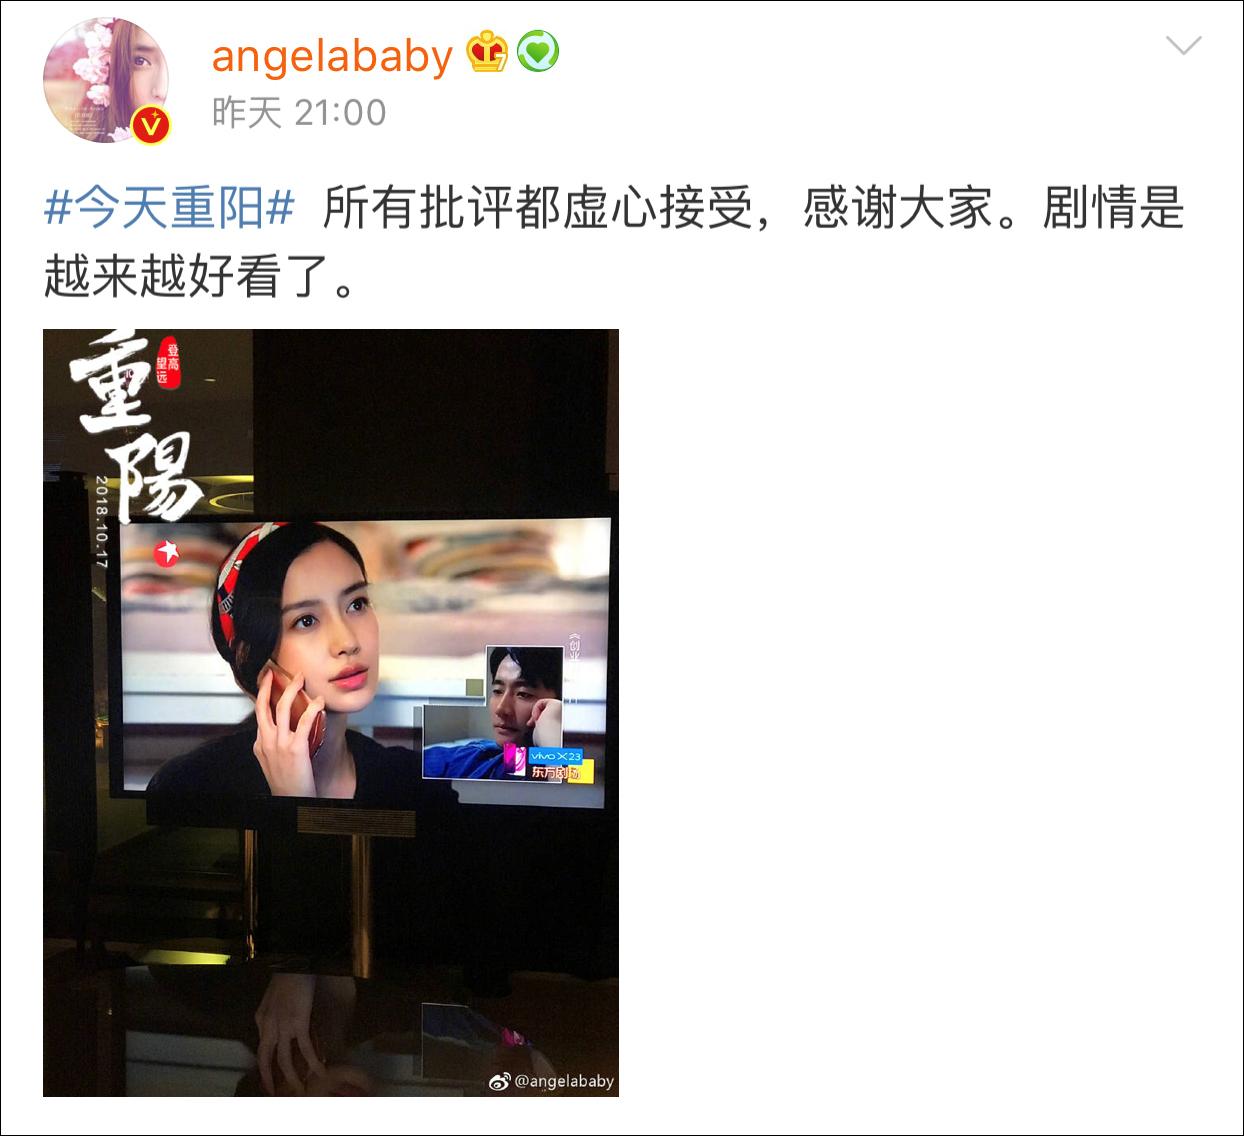 网友的质疑杨颖演技无进步,看杨颖如何回应演技争议